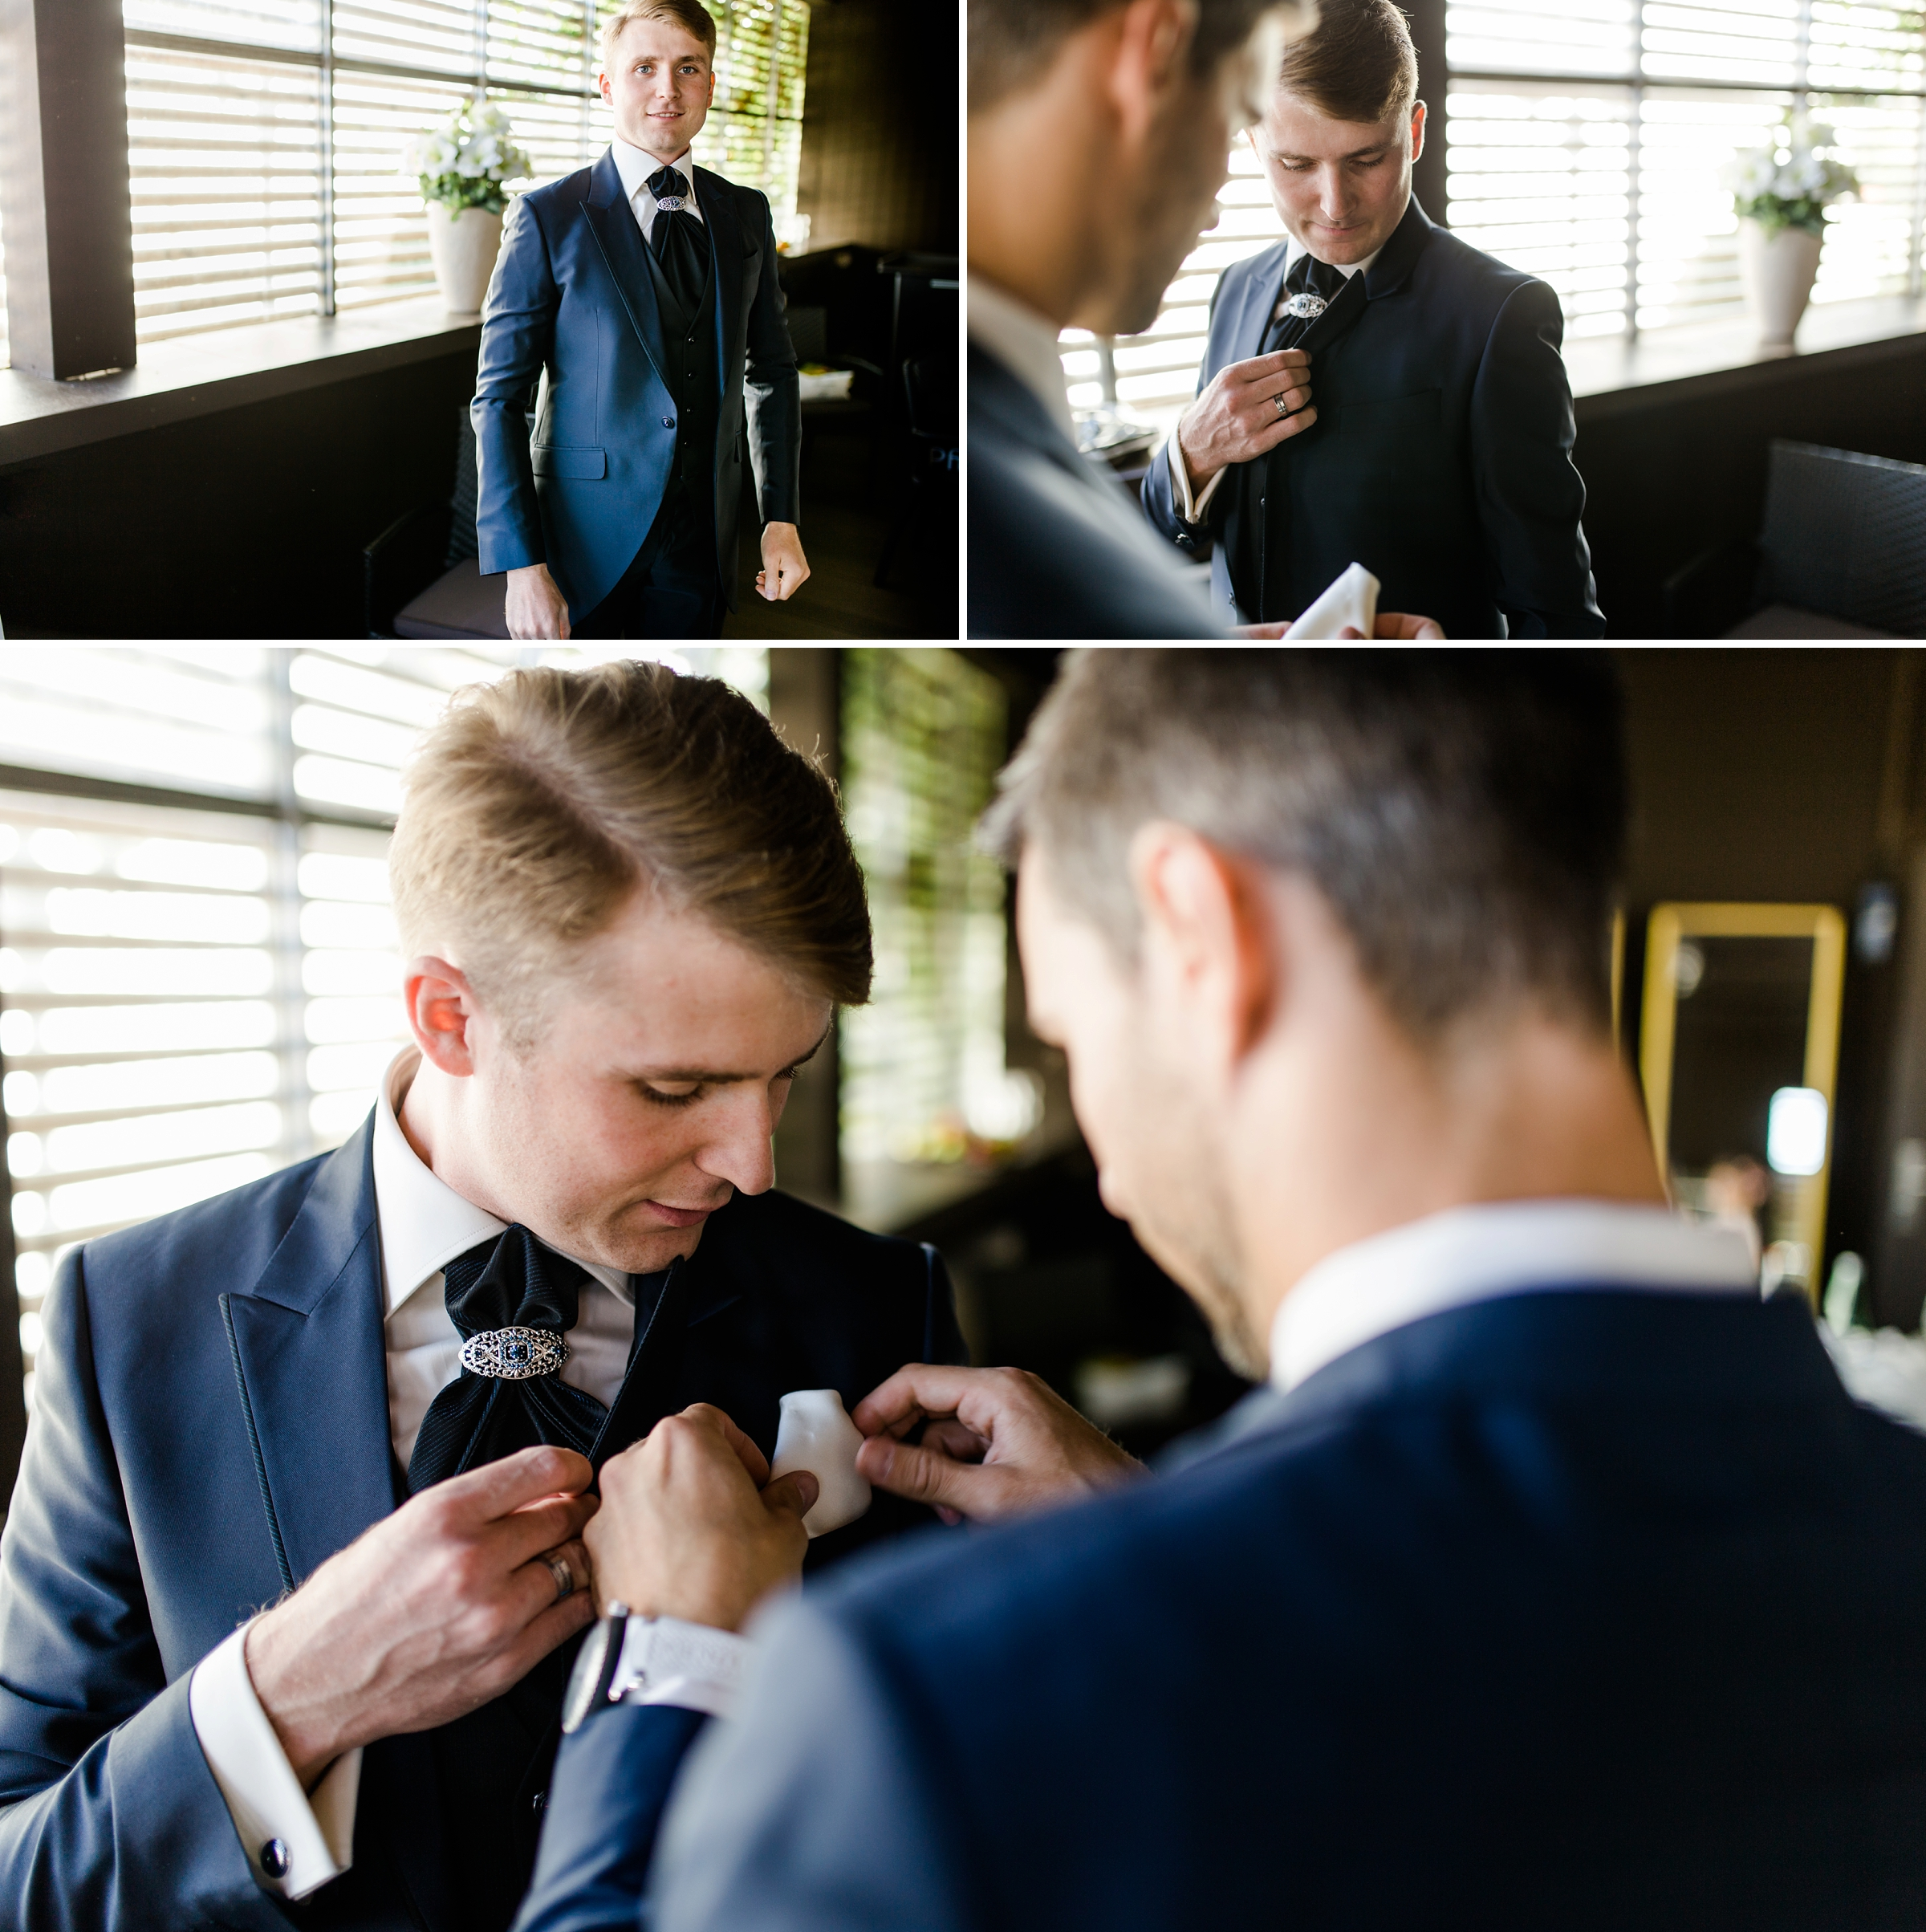 Hochzeitsreportage-Zuerich-Braeutigam-Getting-Ready-Trauzeuge-hilft-Giardino-Verde-Uitikon